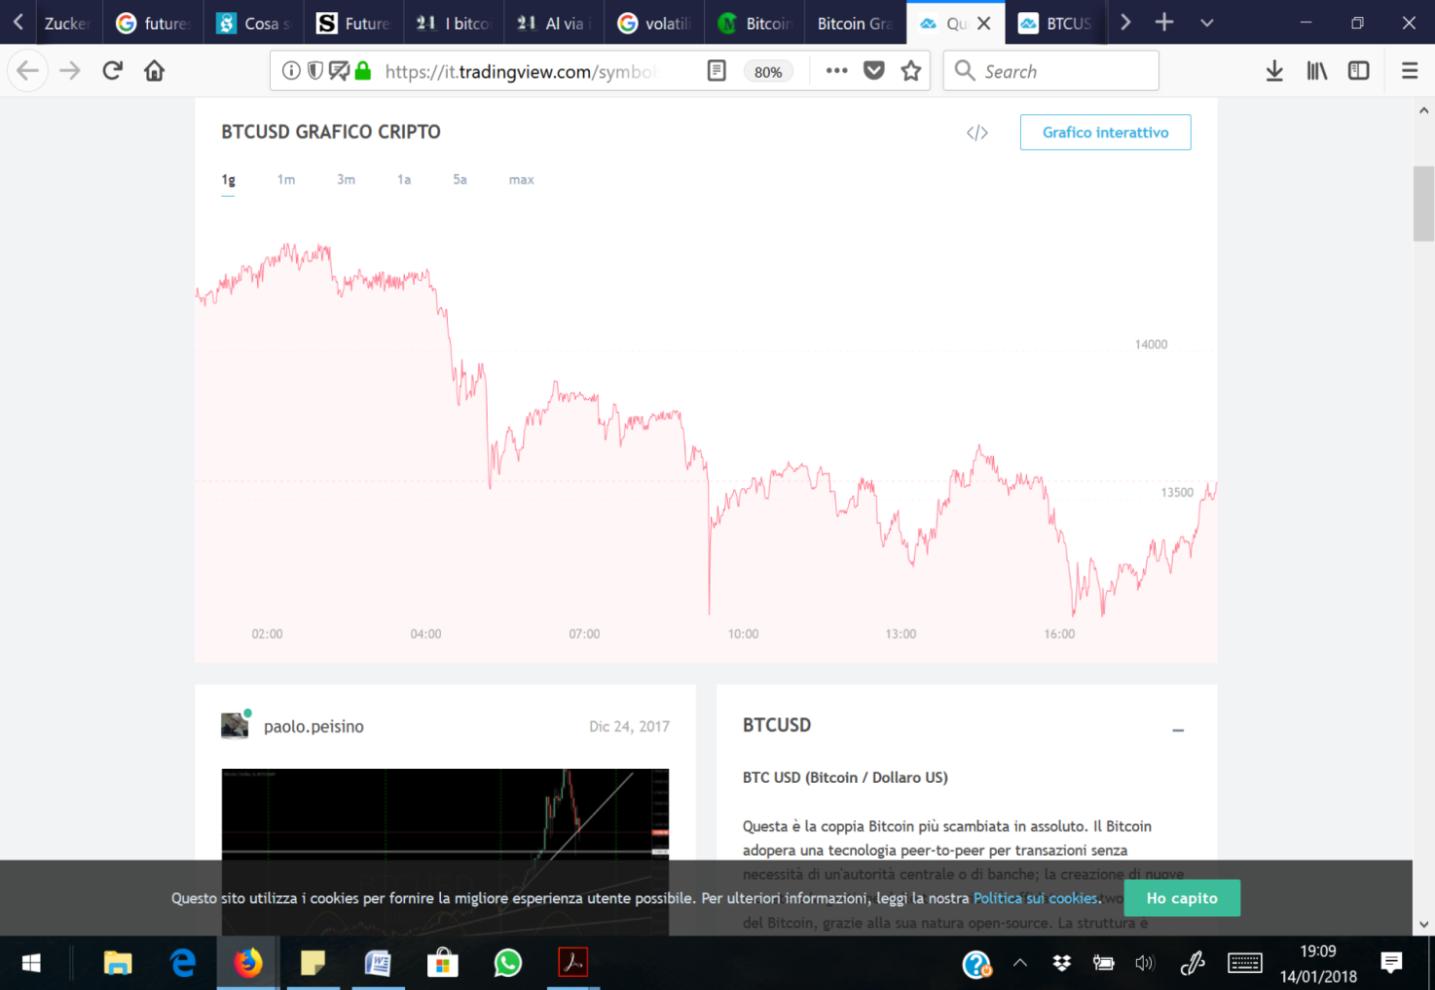 russo scambio bitcoin